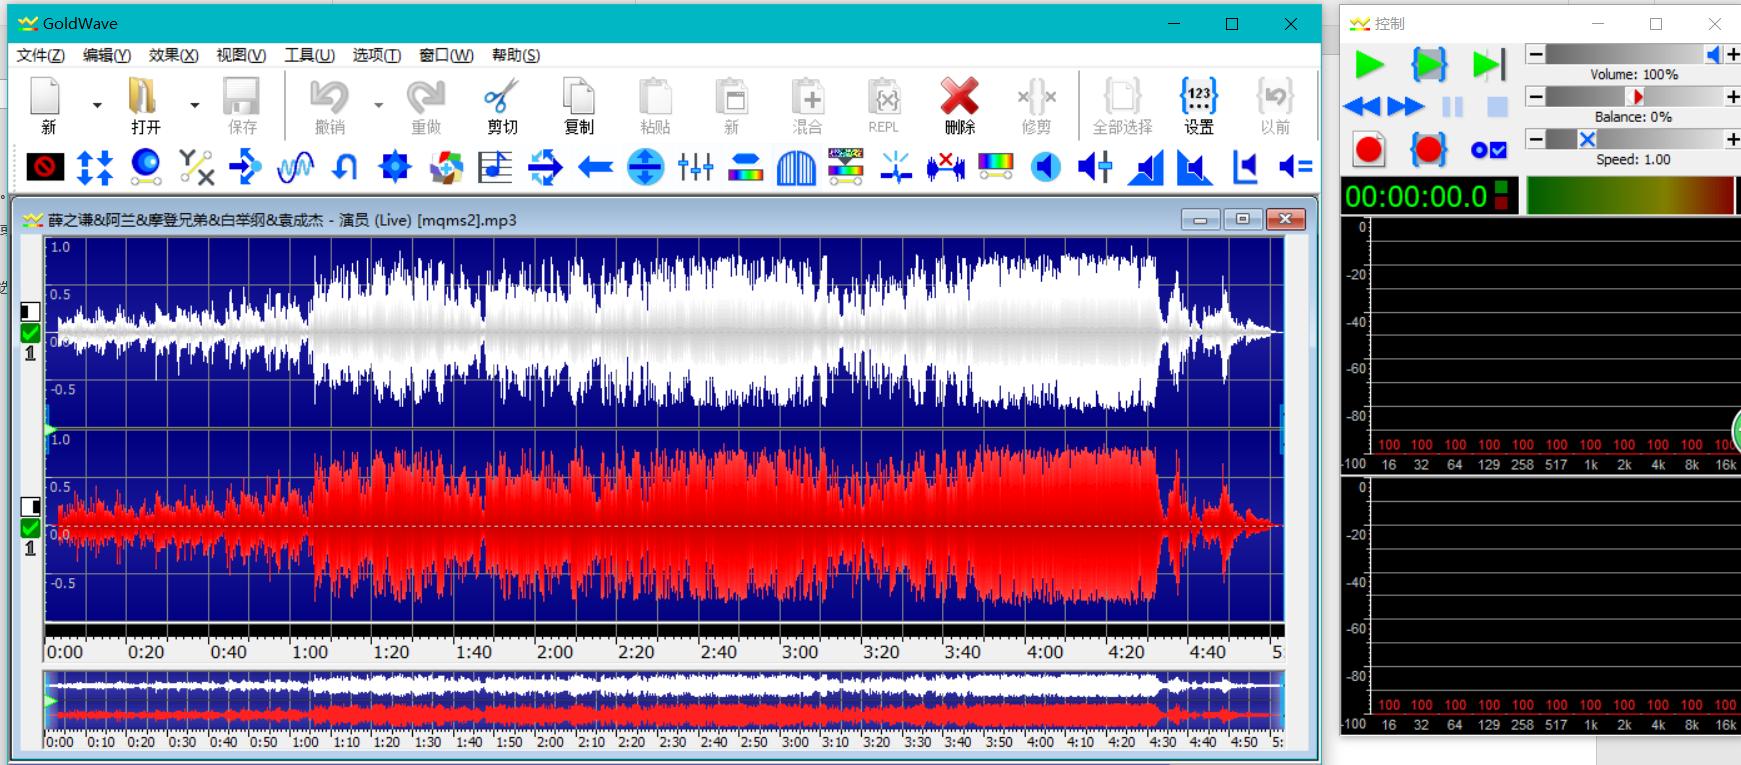 图片二:打开音频后的Goldwave界面